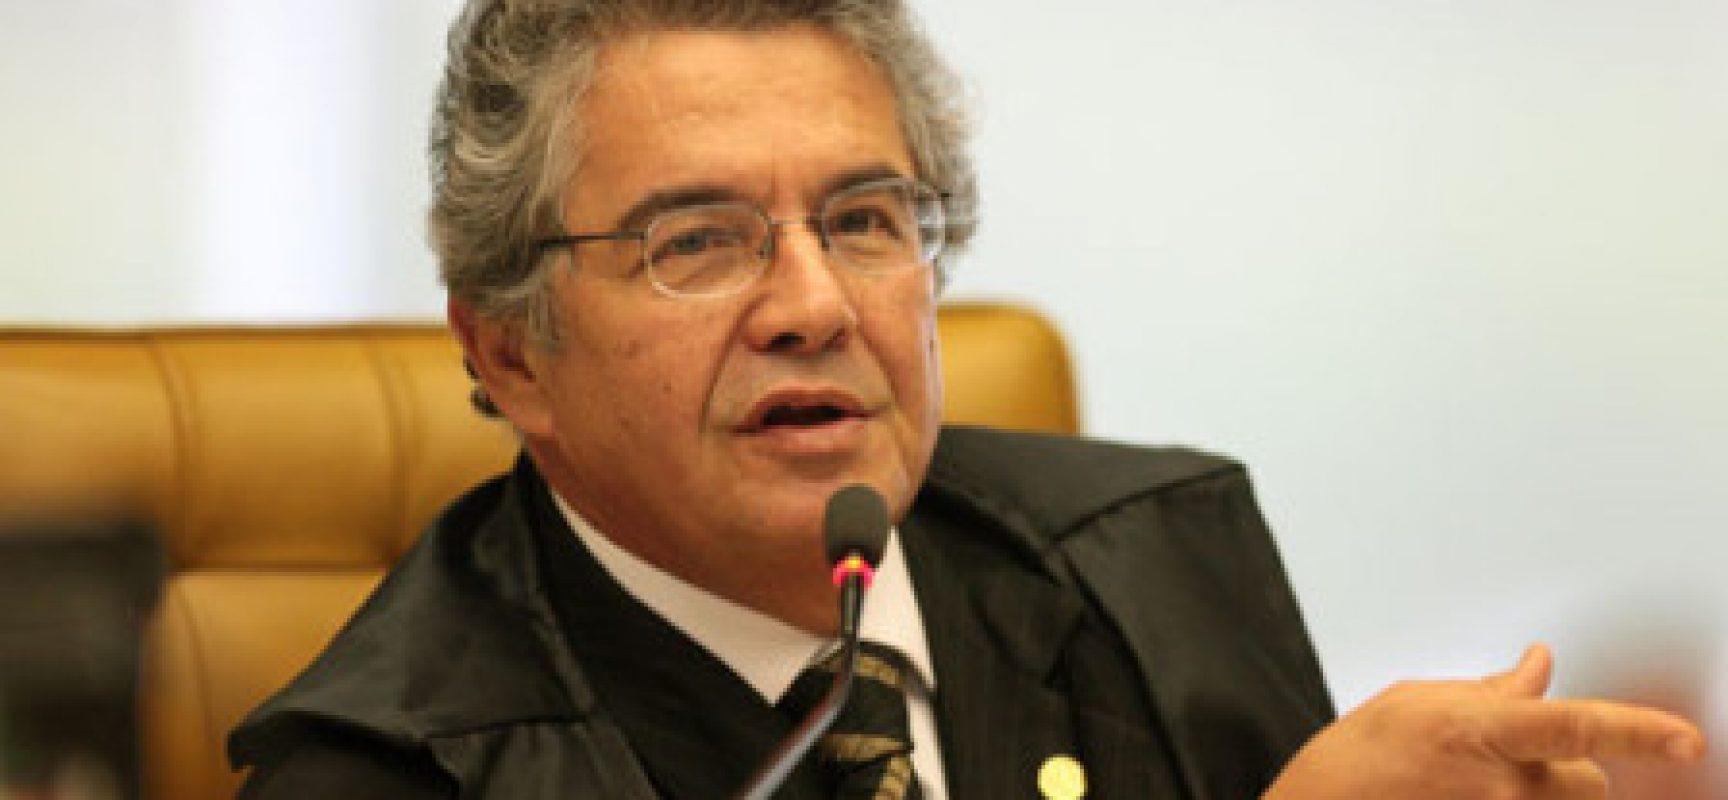 Marco Aurélio, ministro do STF, confirma aposentadoria no dia 5 de julho